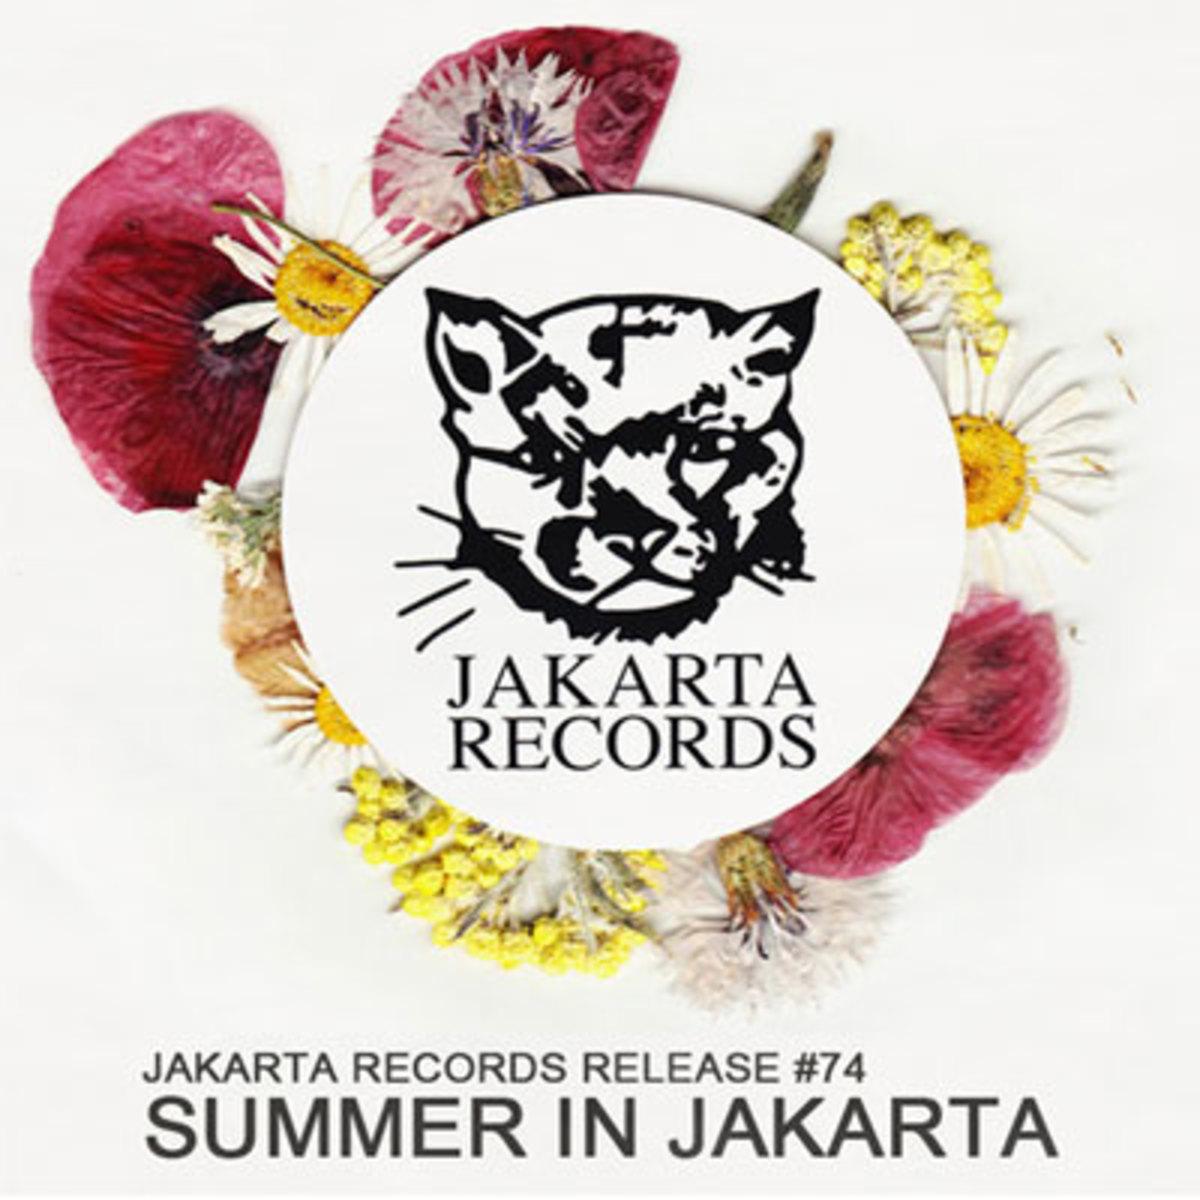 jakartarecords-summer.jpg